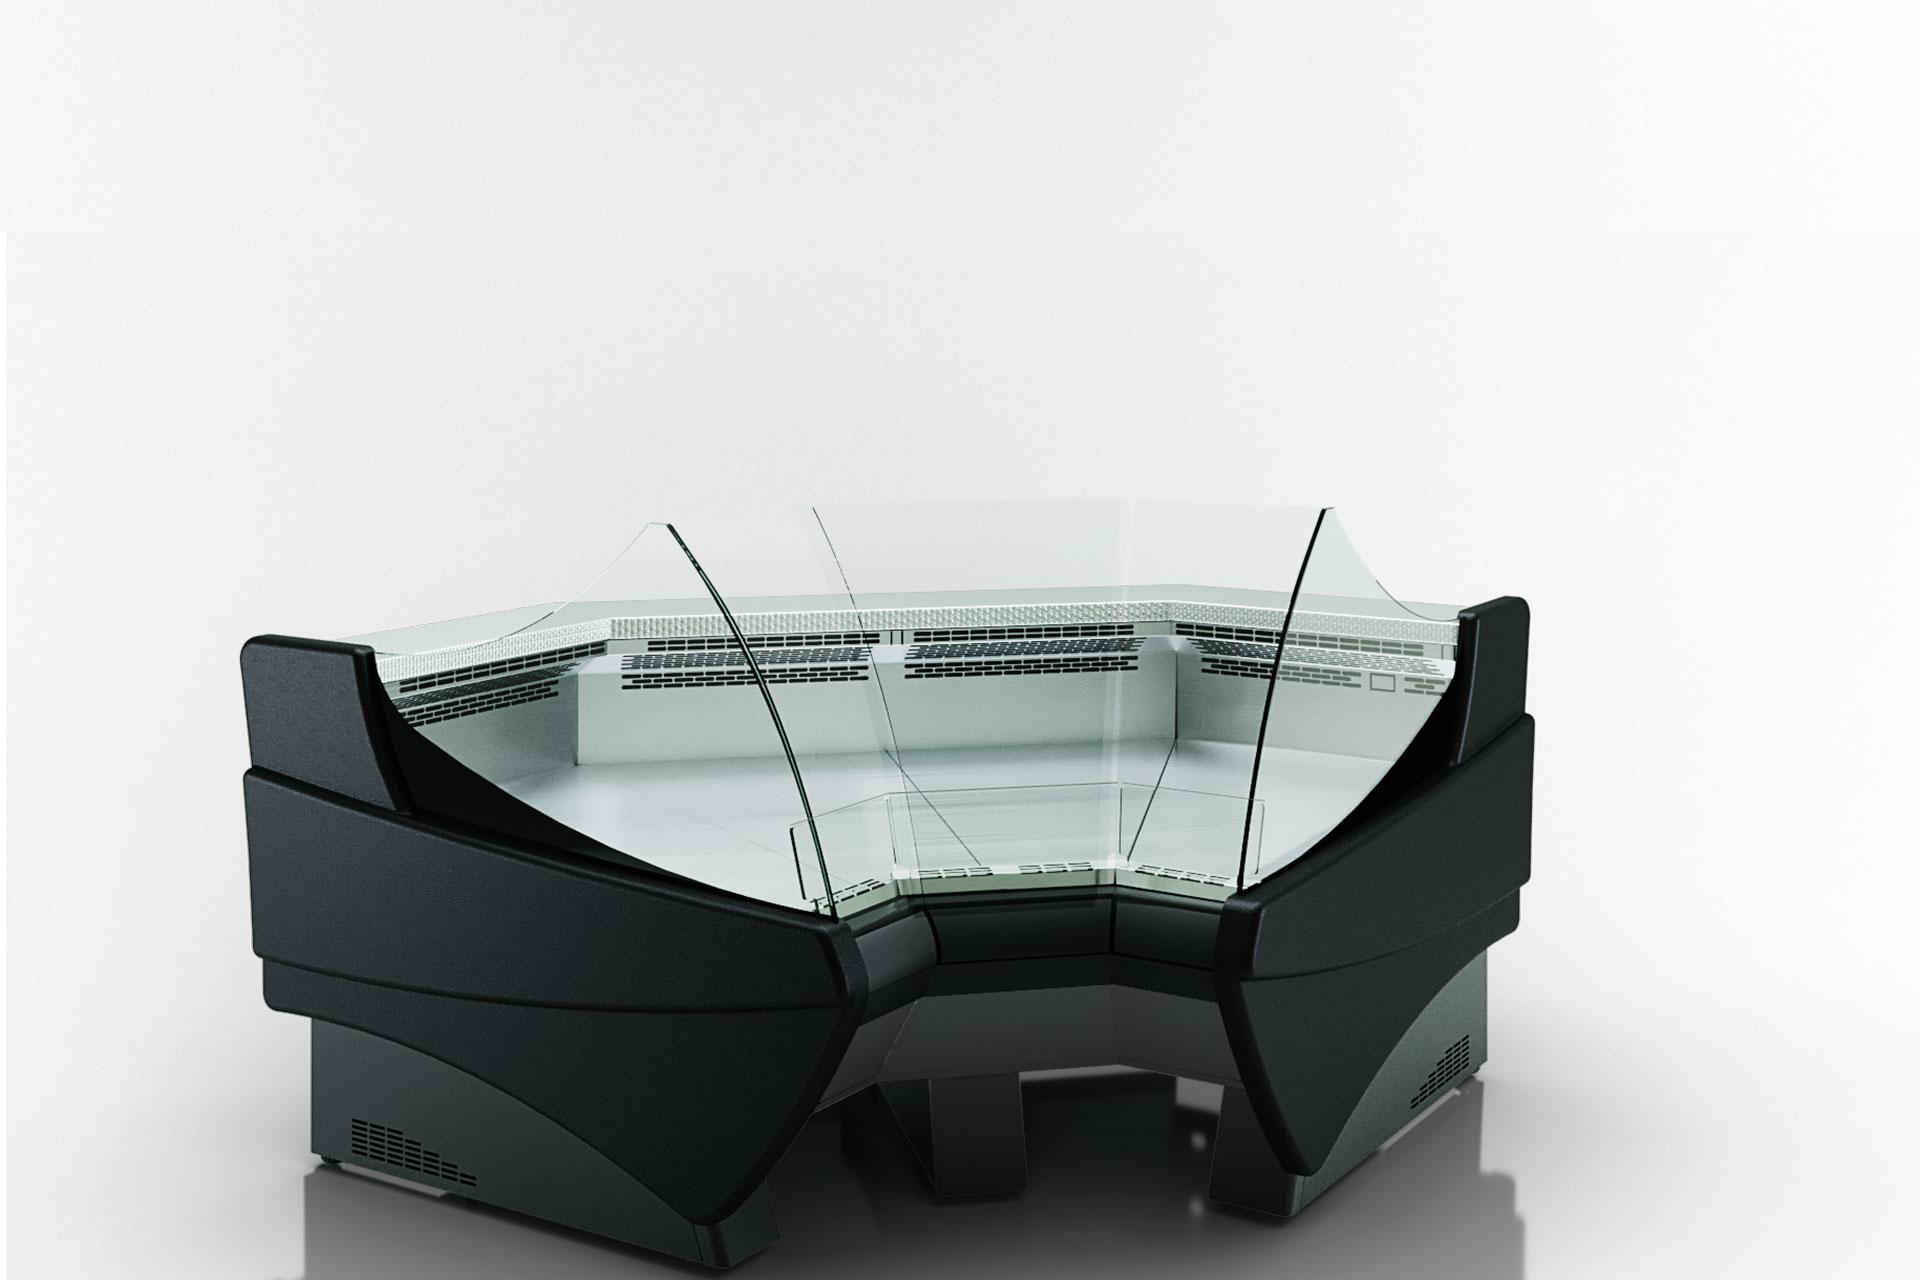 Kühlvitrinen Symphony luxe MG 120 deli T2 110-DLM-IS90